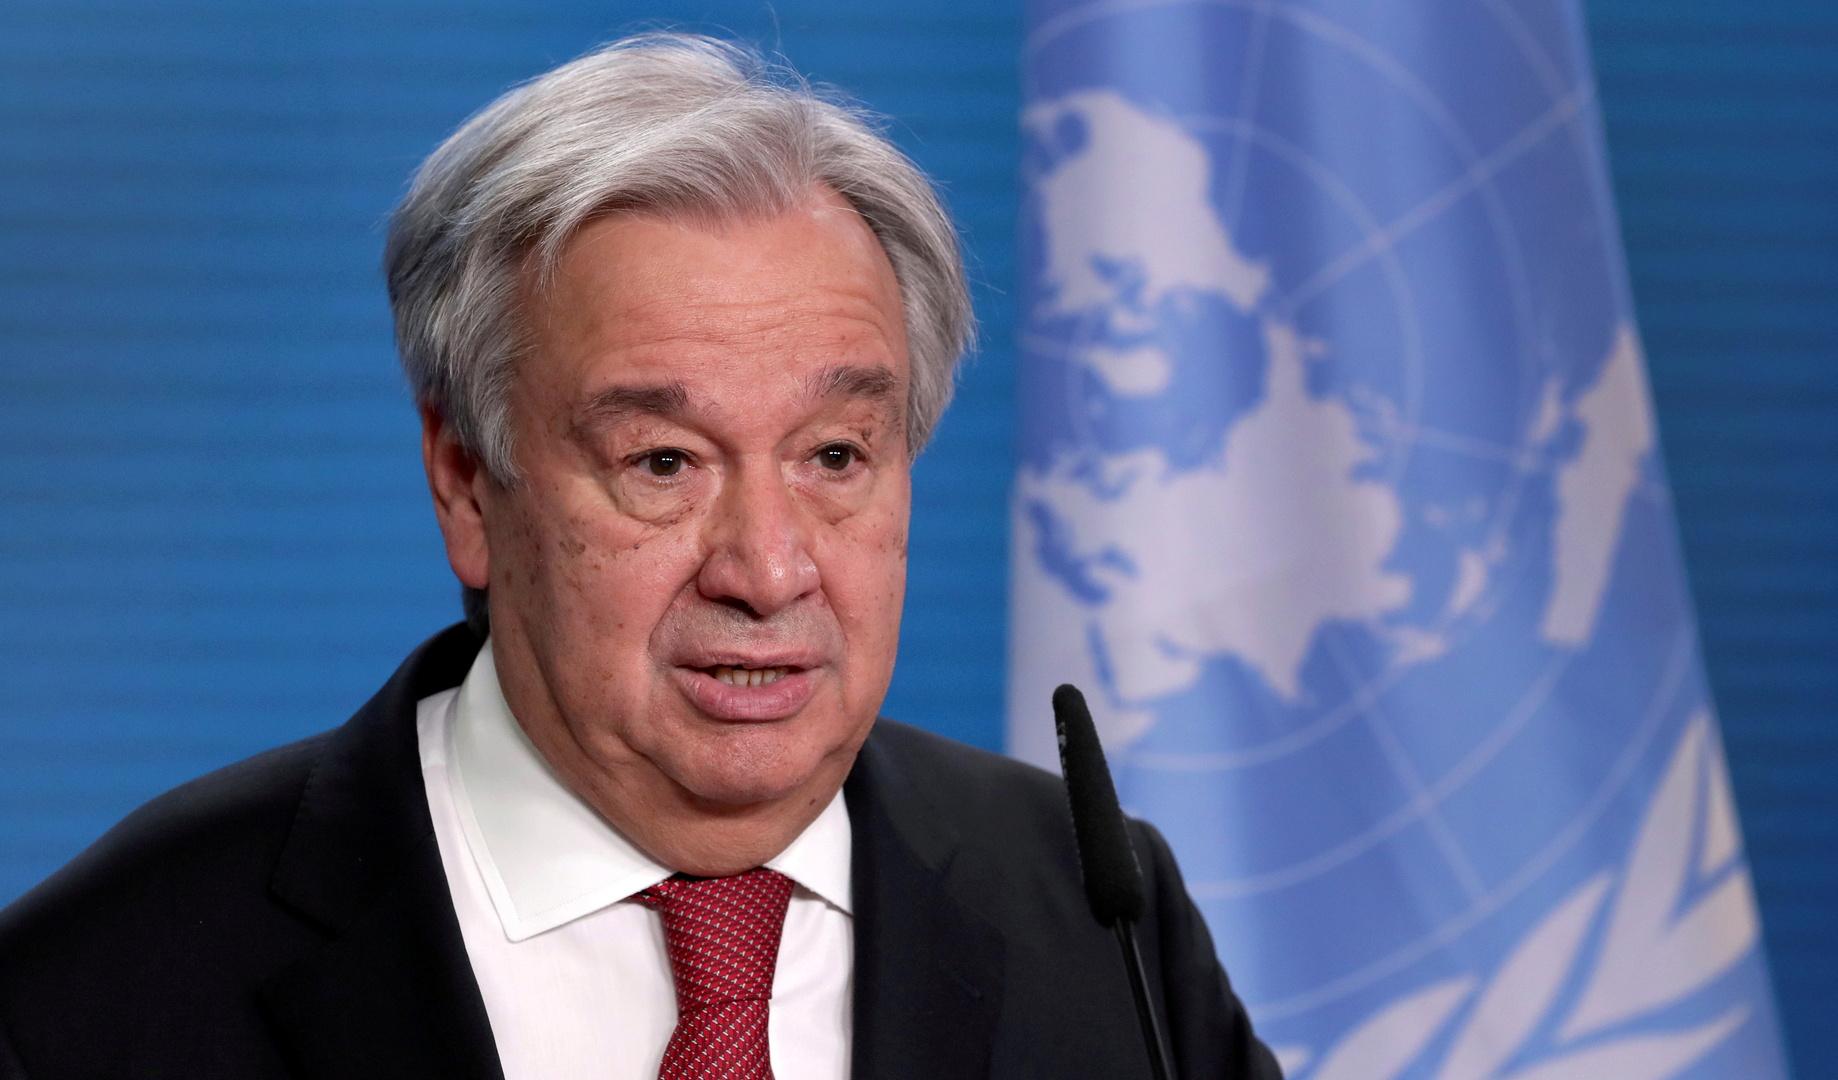 غوتيريش: على الدول التحرك الآن لحماية سكانها من التأثيرات الكارثية للتغير المناخي